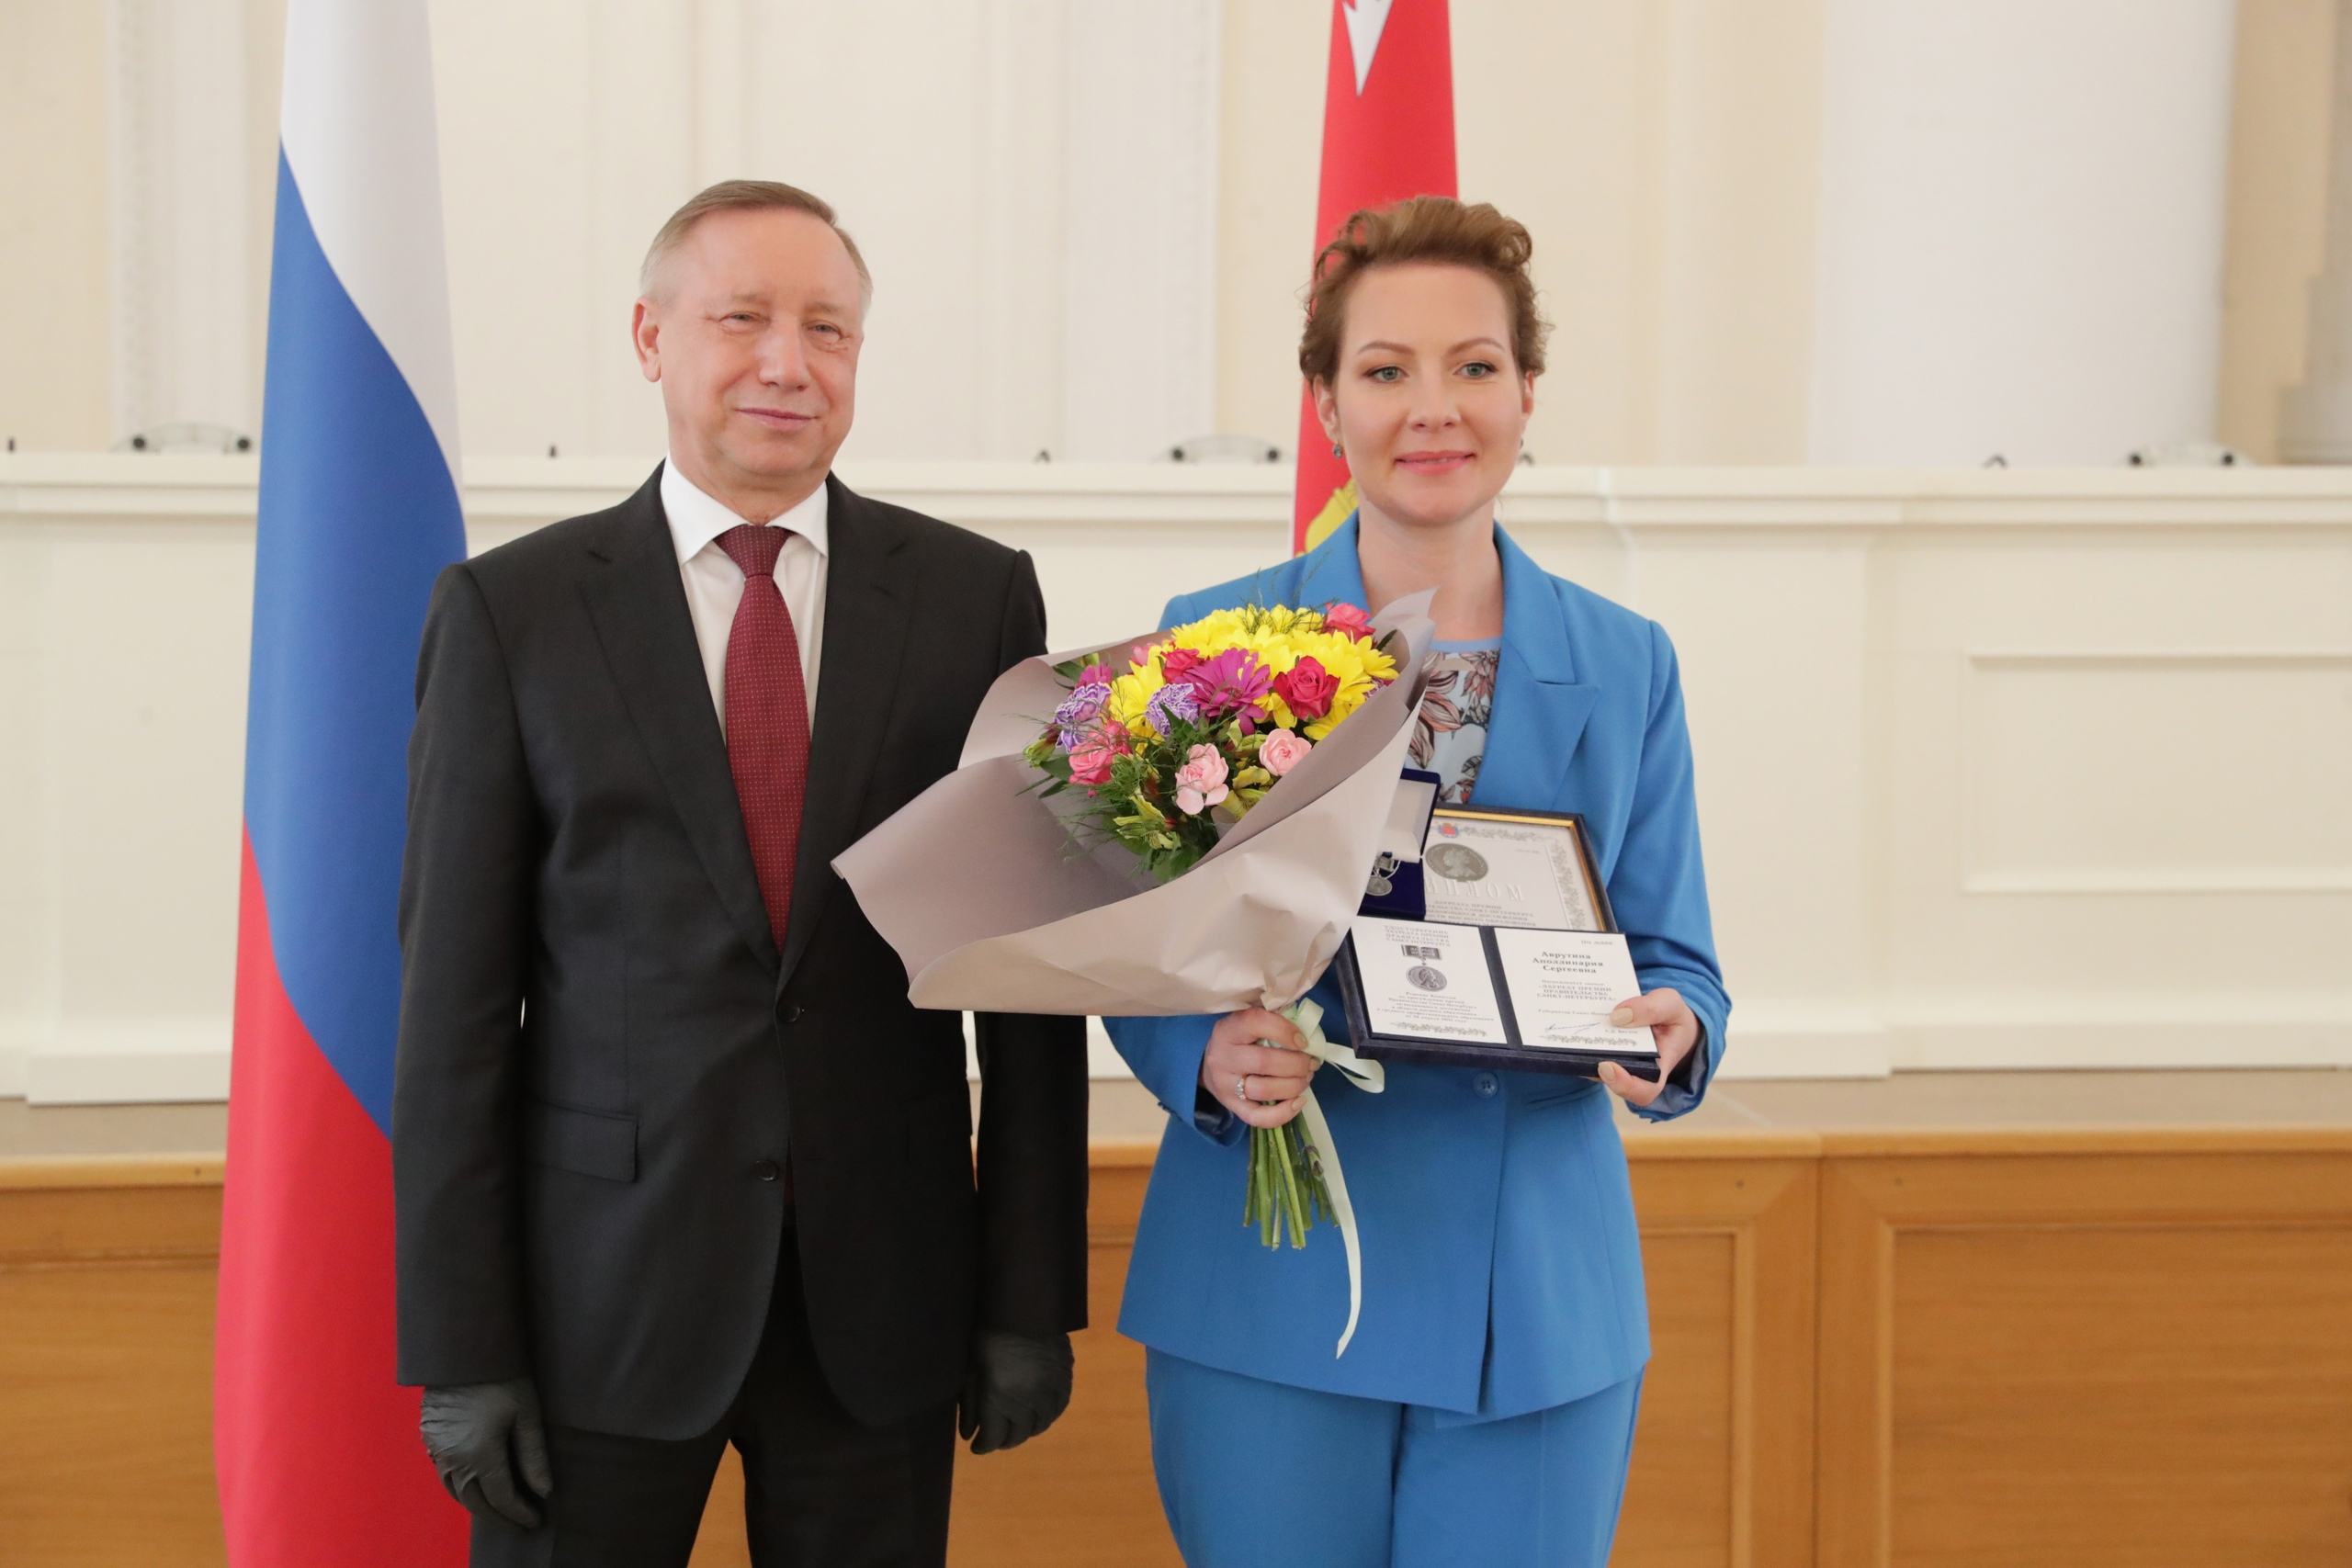 Аполлинария Аврутина стала лауреатом Премии правительства Санкт-Петербурга